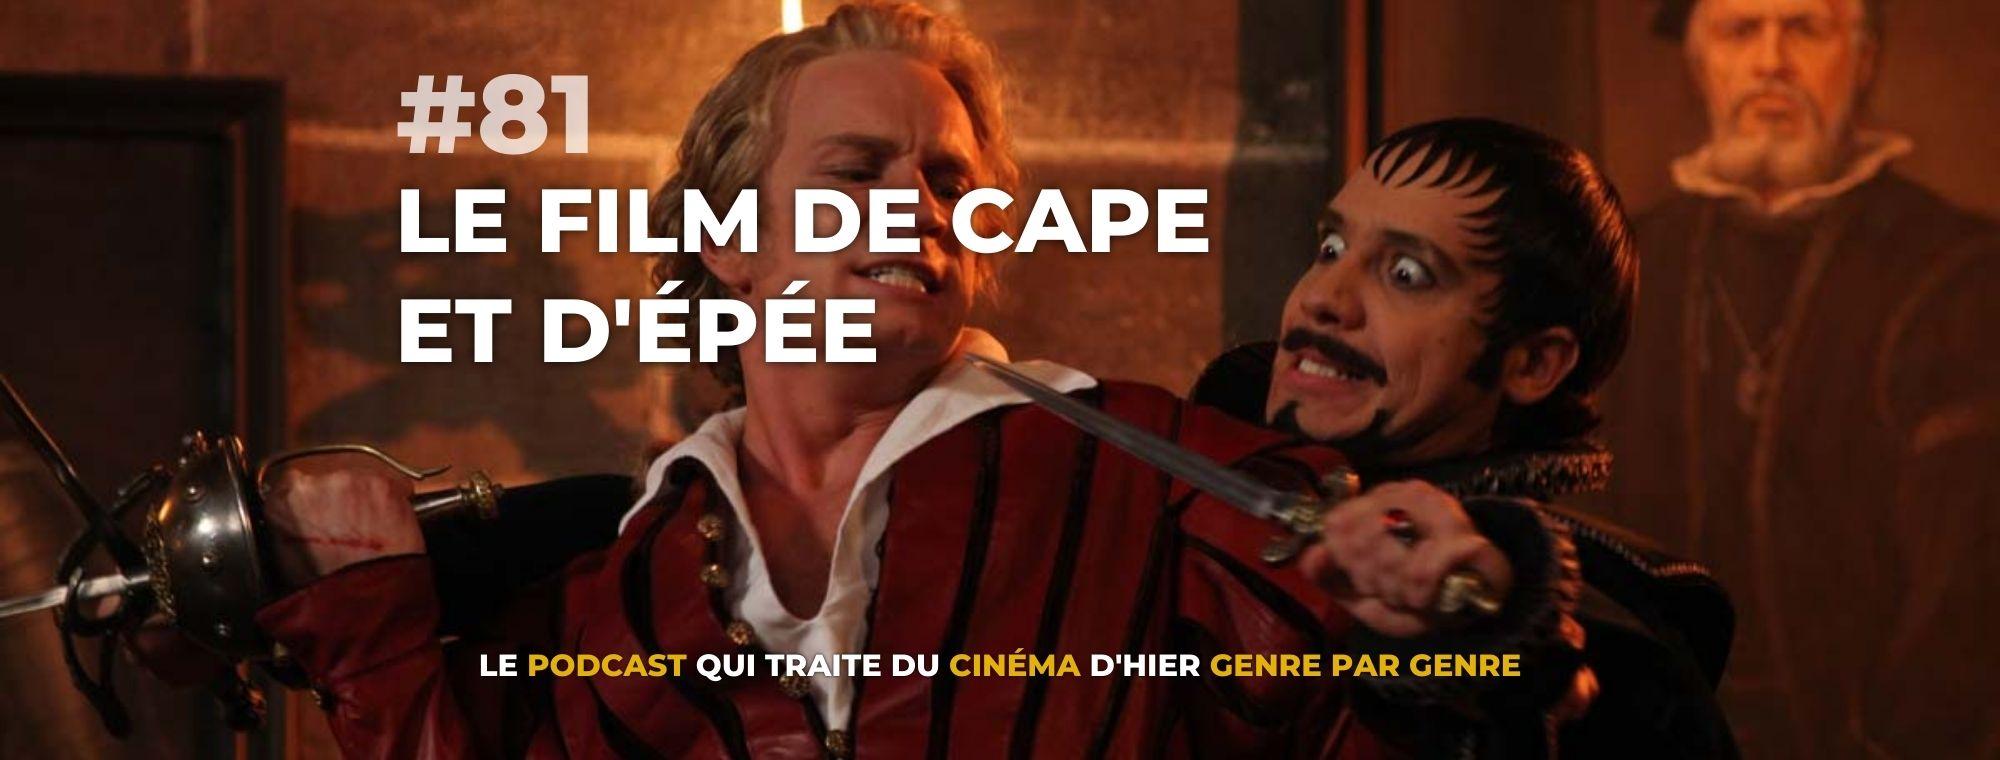 Parlons Péloches - #81 Le film de Cape et d'Epée